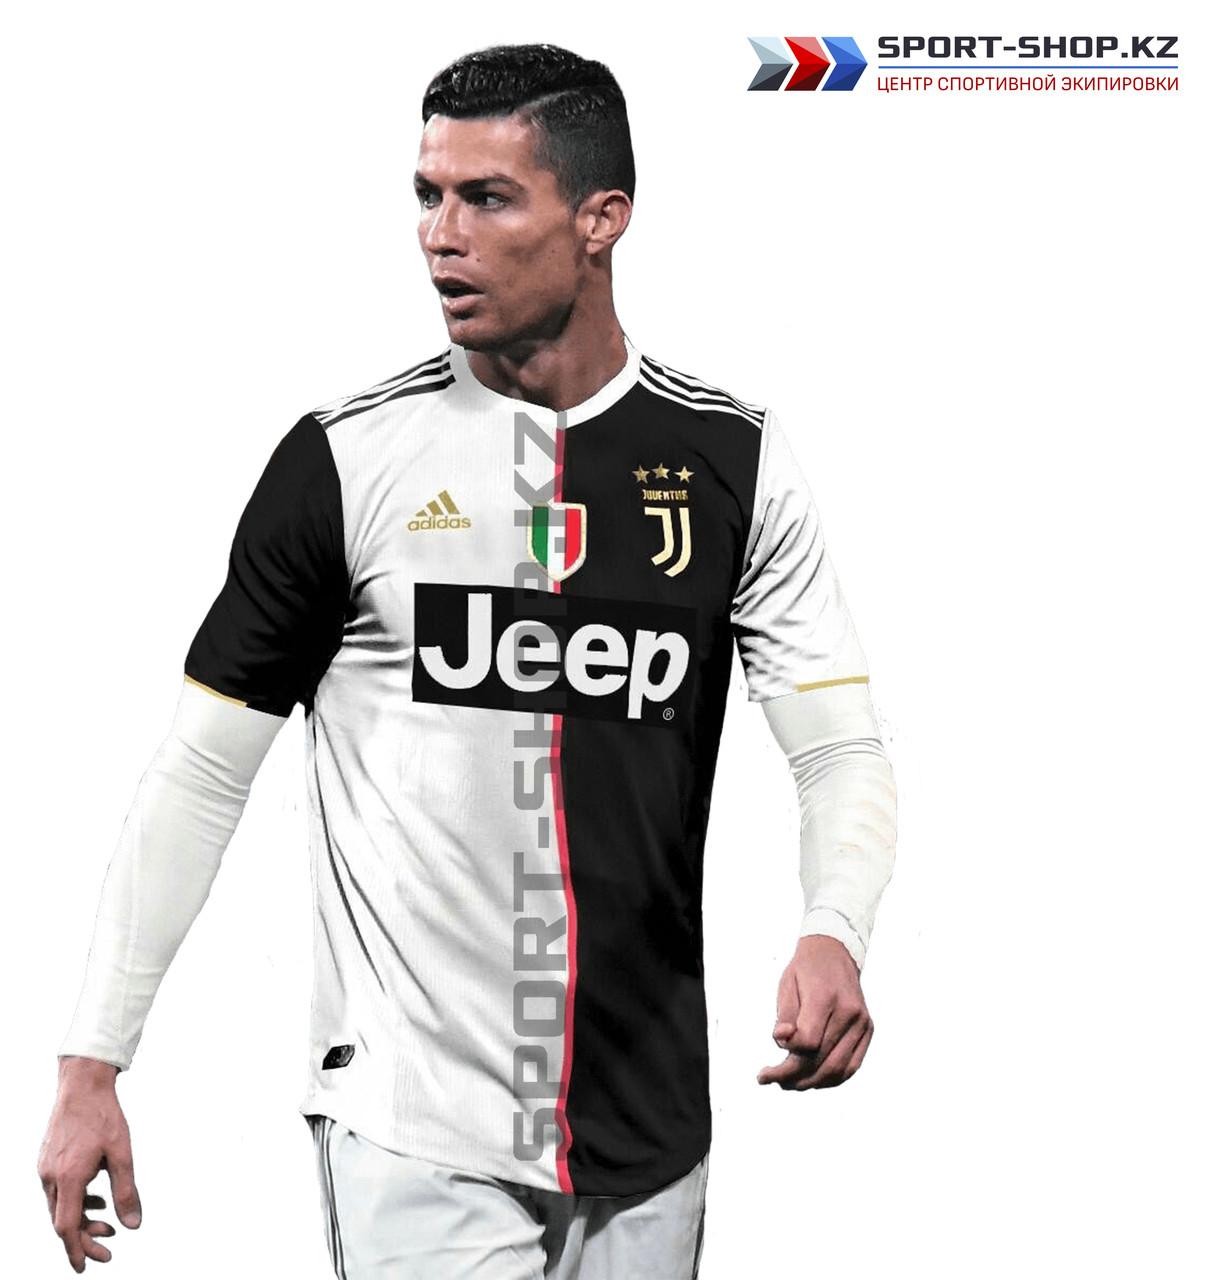 Detskaya Futbolnaya Forma Yuventus Ronaldo 7 19 20 Cena 16600 Tg Kupit V Almaty Satu Kz Id 67649200